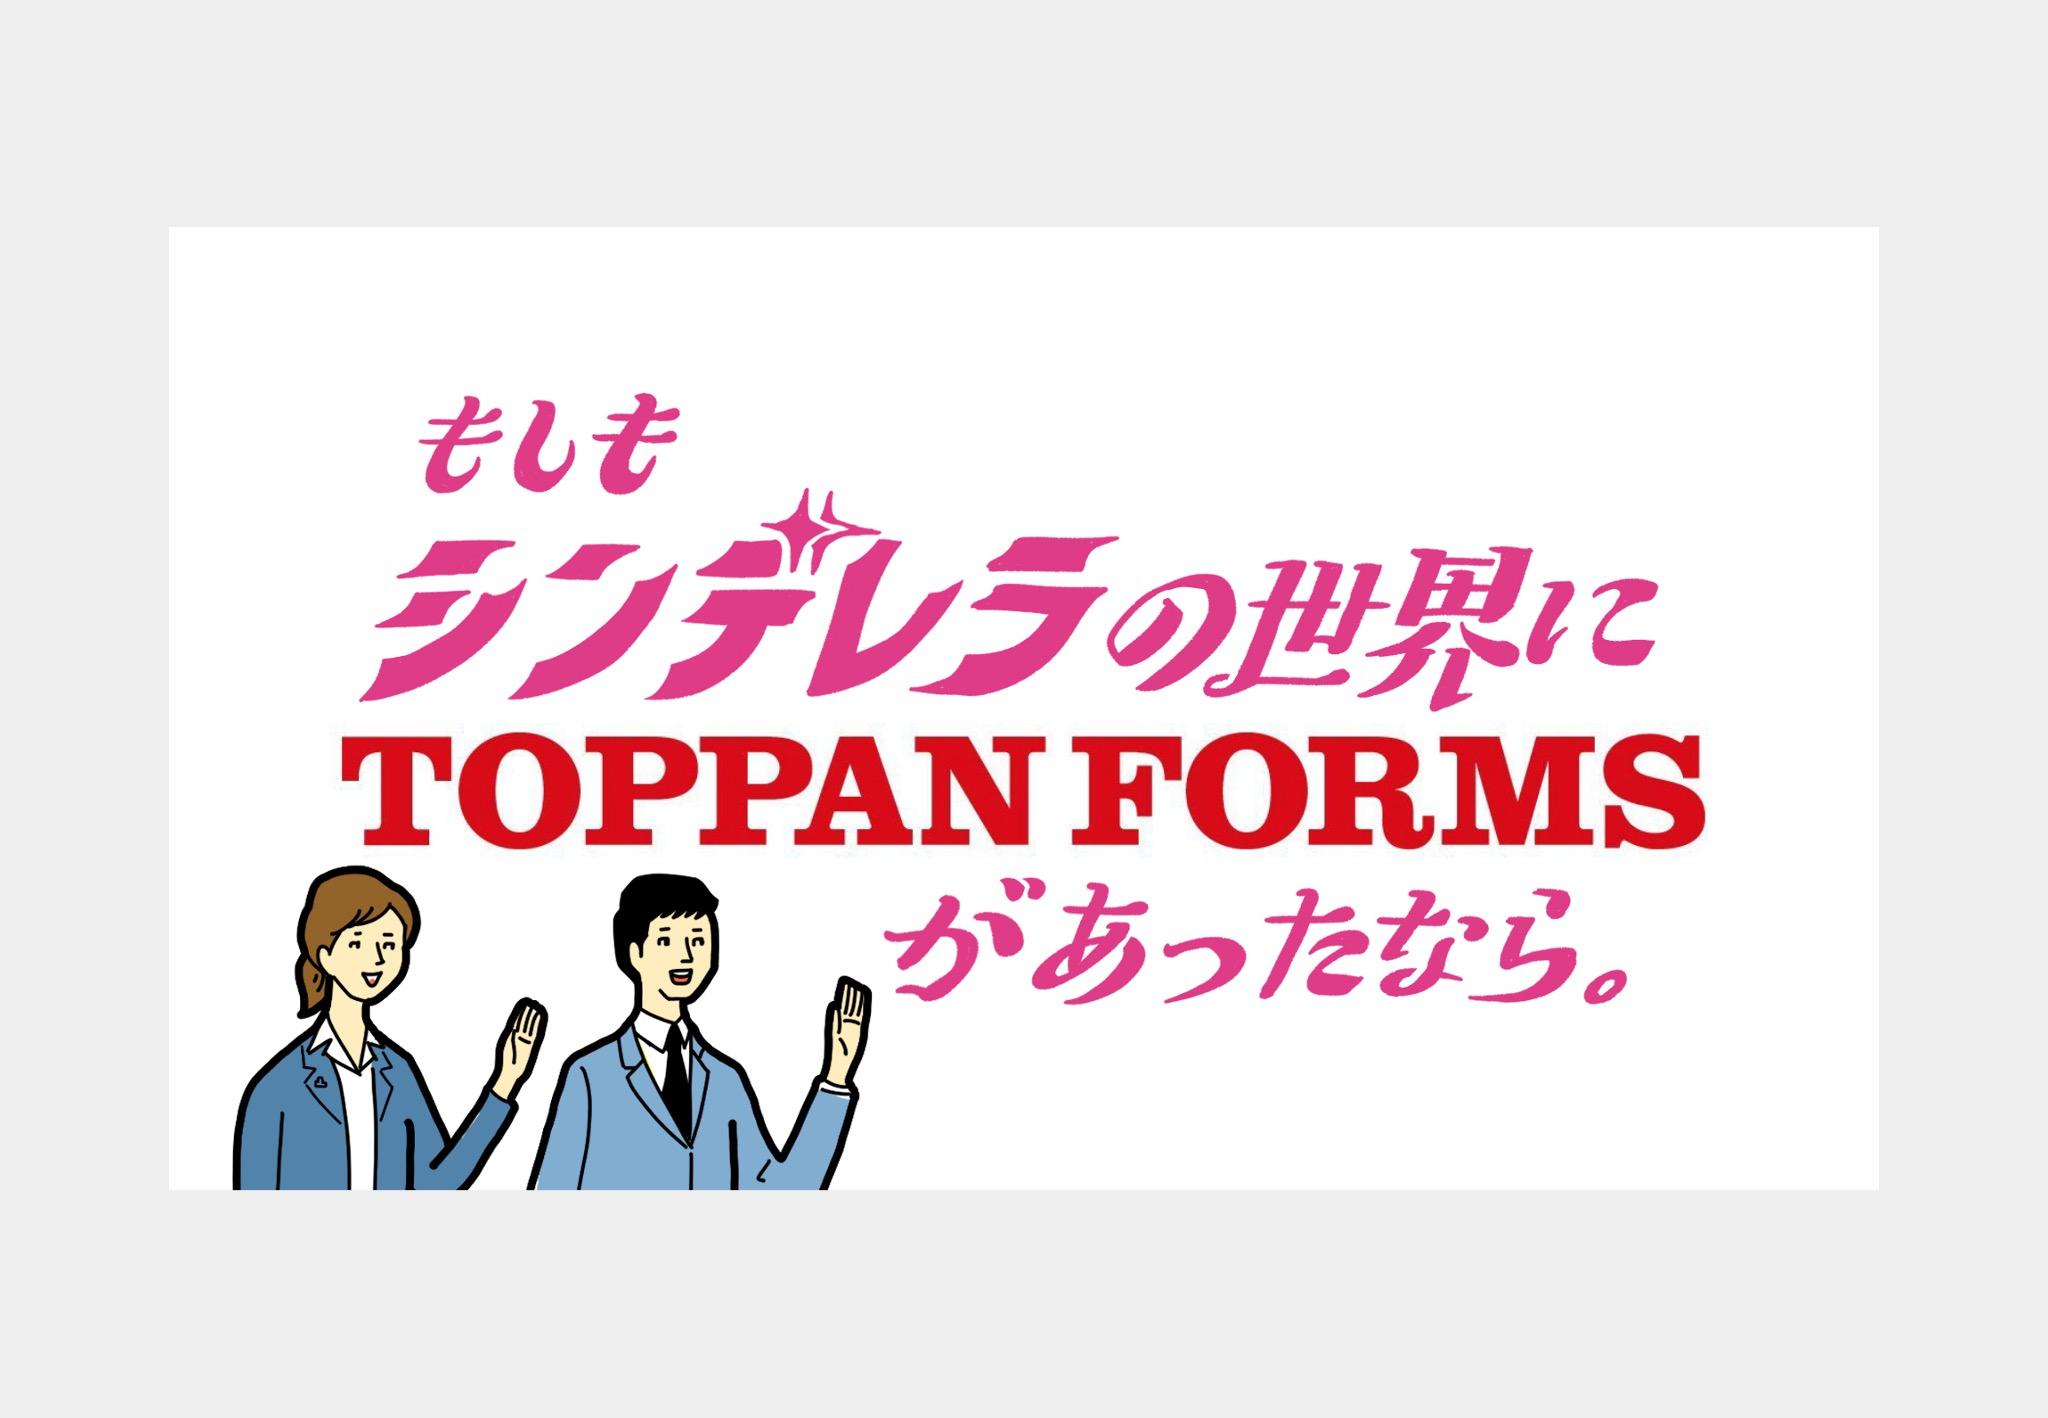 トッパン・フォームズ株式会社